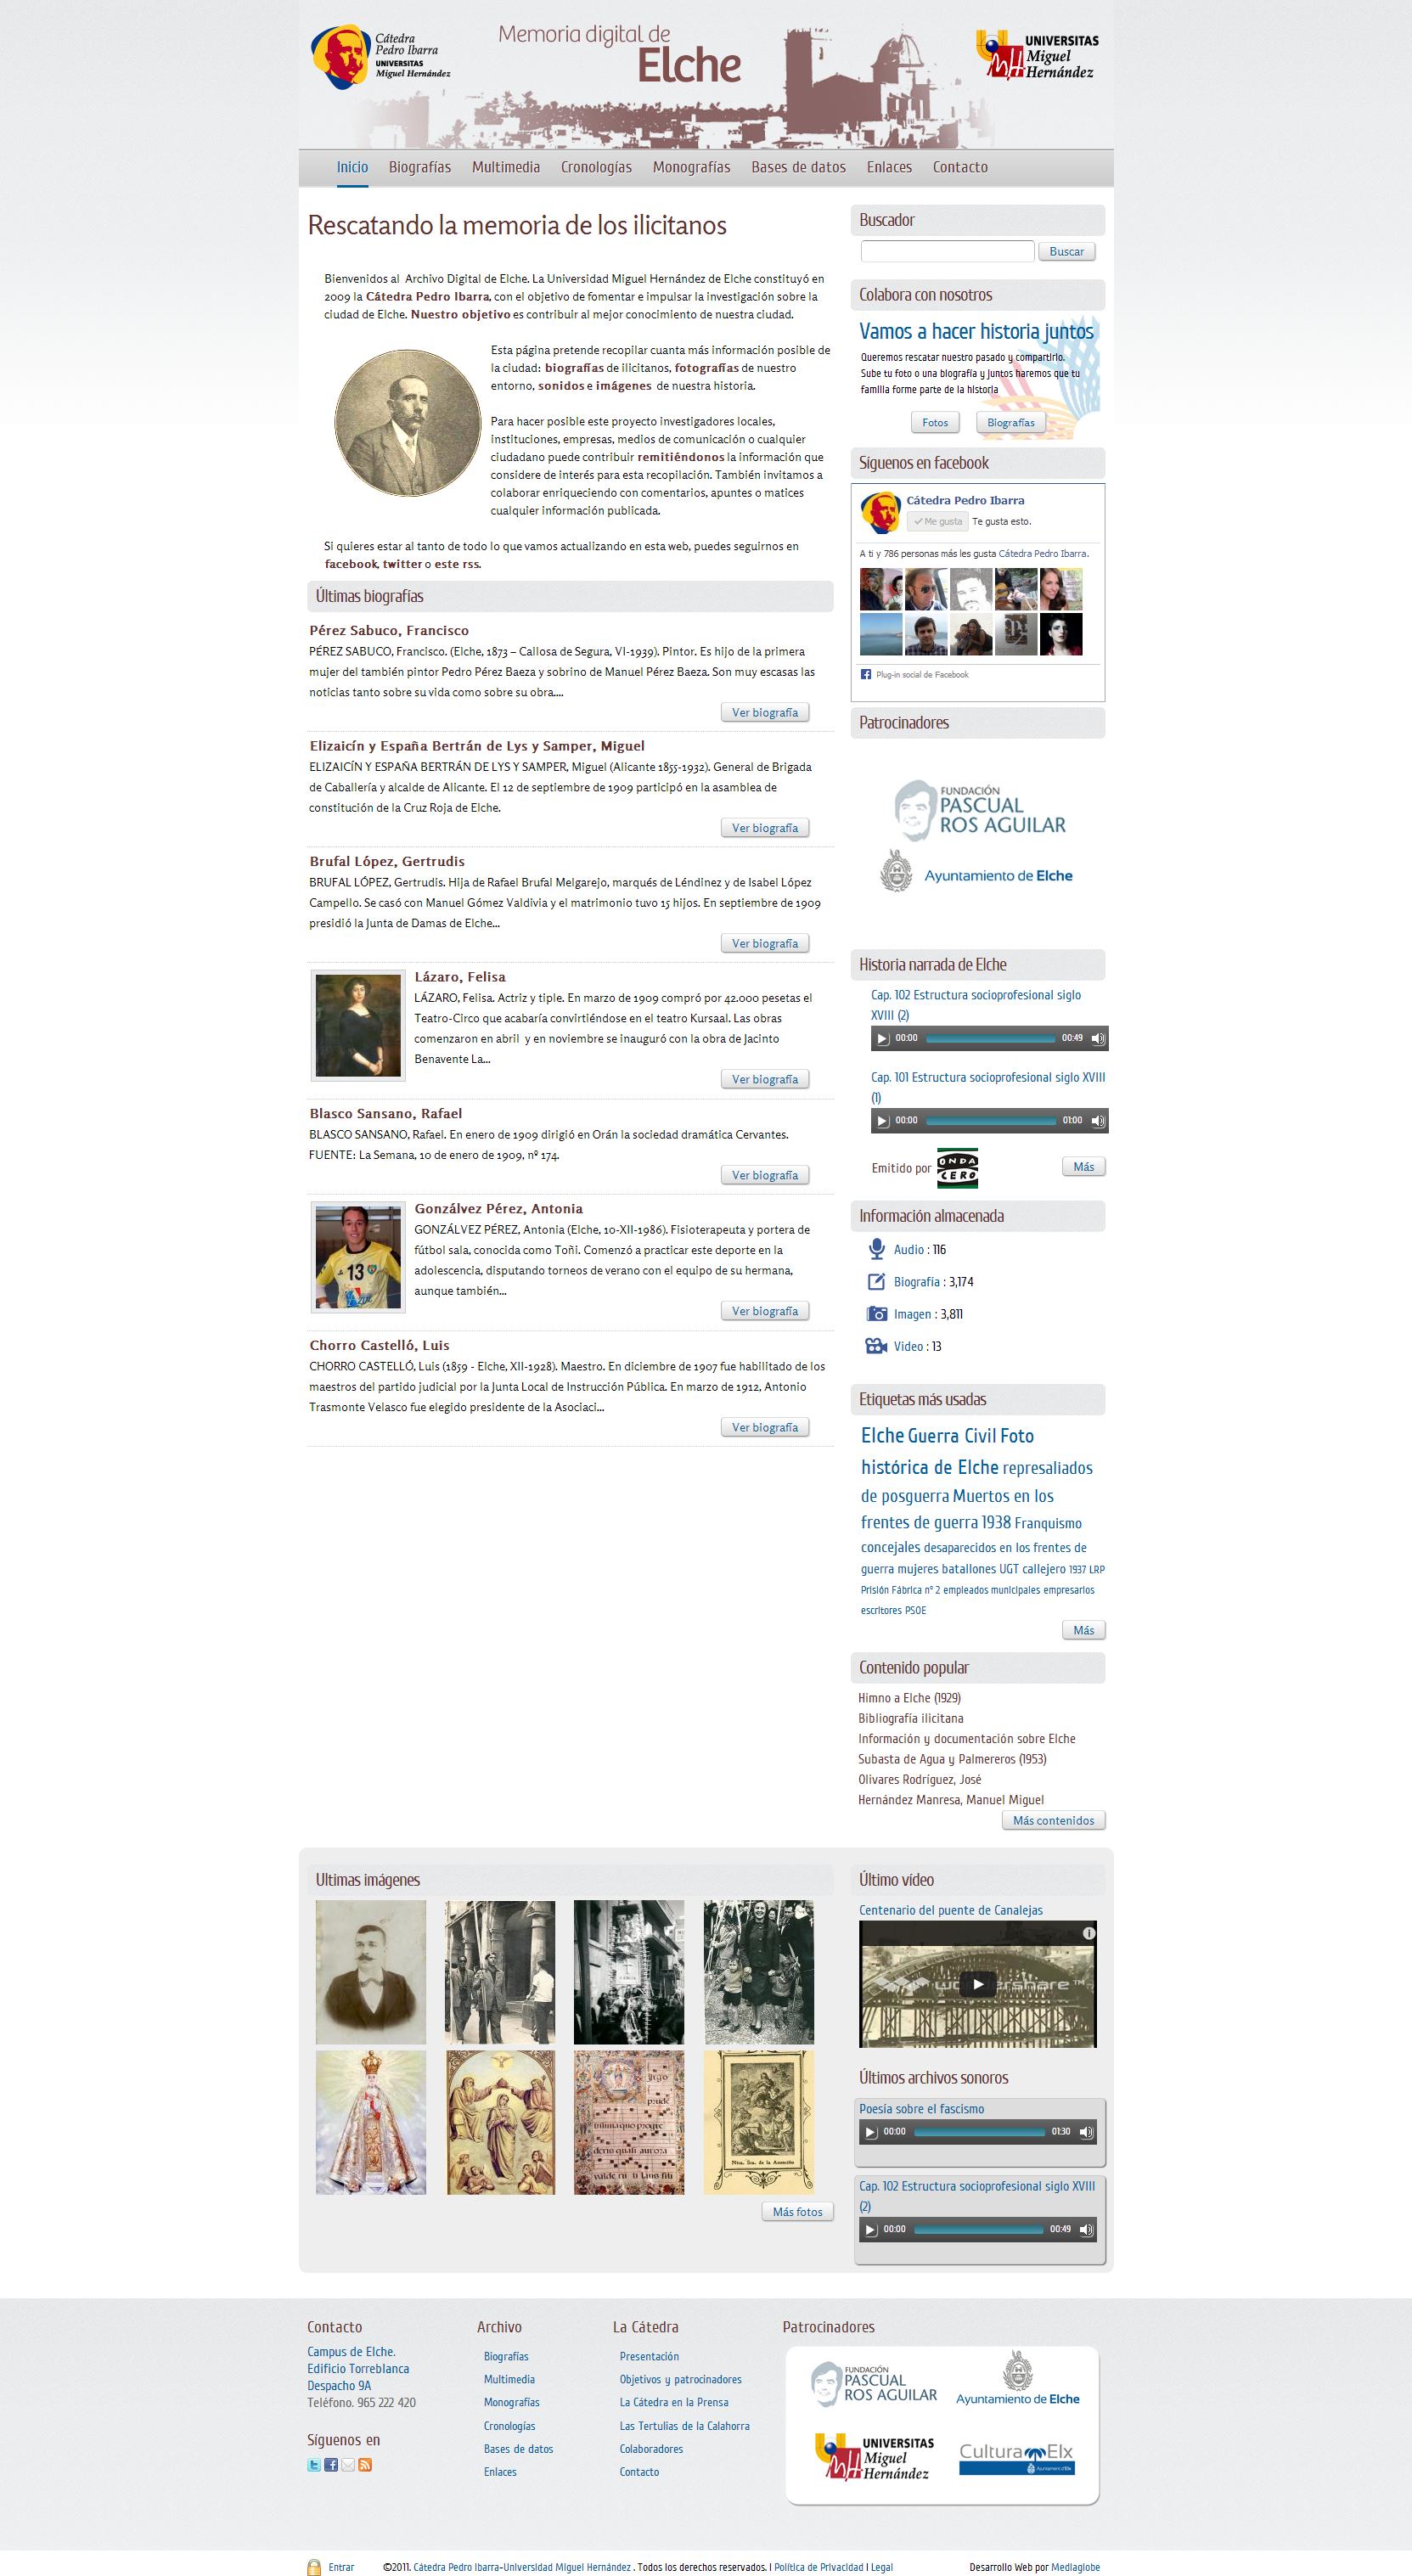 Diseño inicial de web drupal elche.me